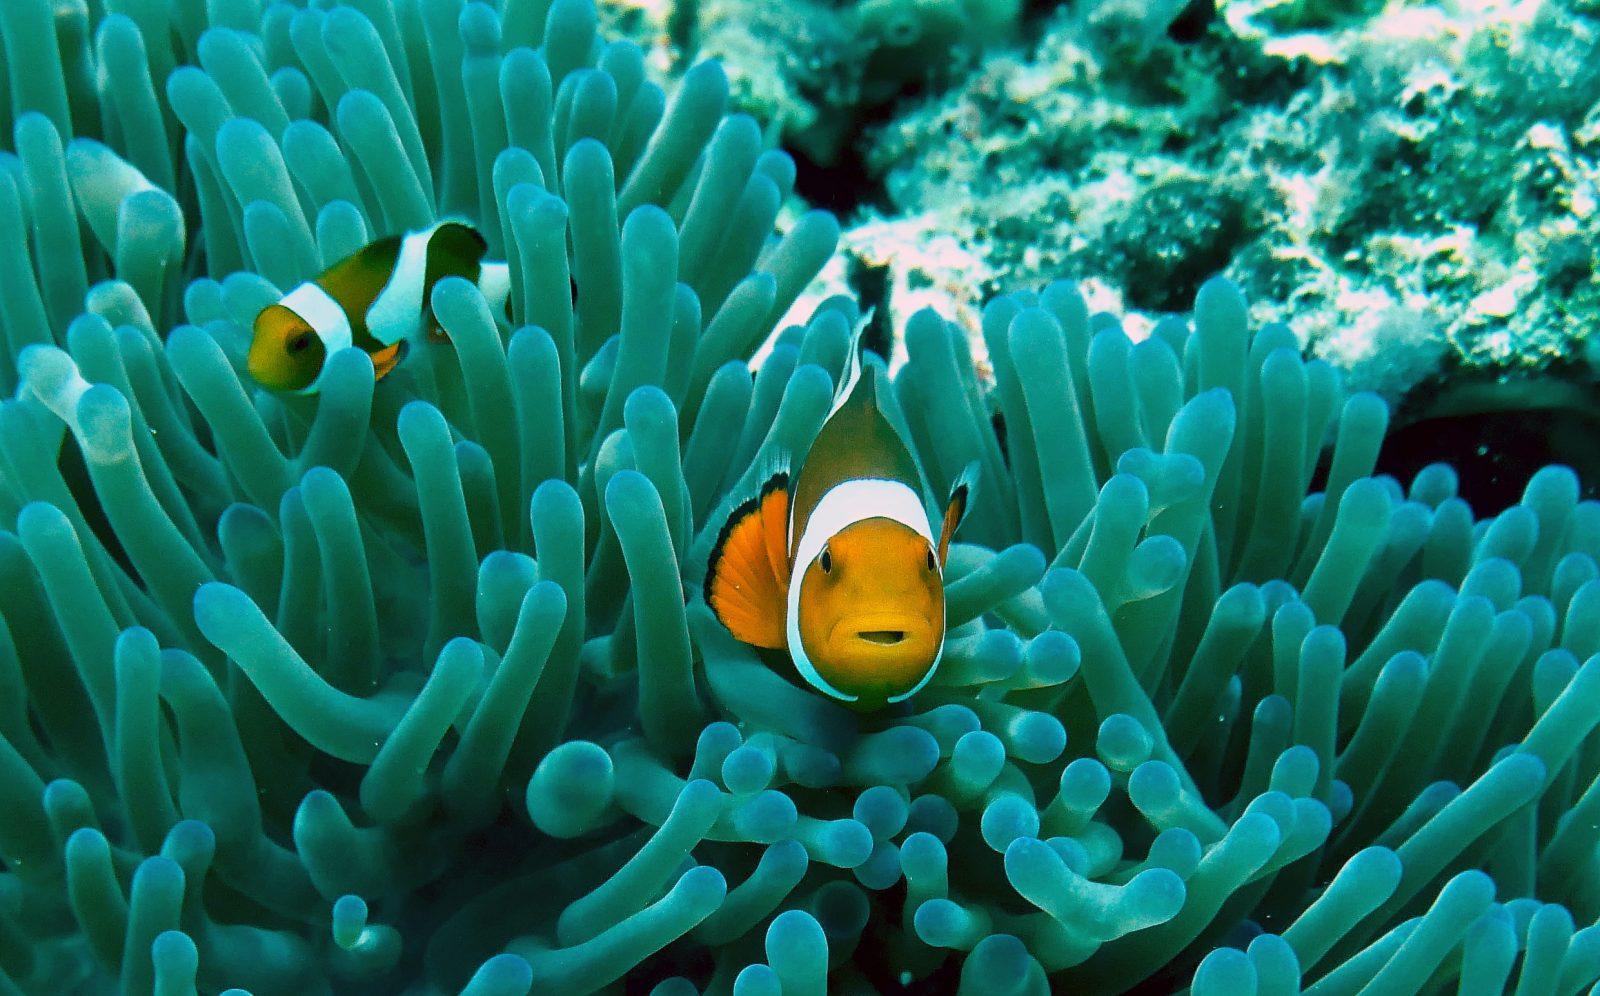 Cómo se aparean los peces: 7 hechos que no sabías 1